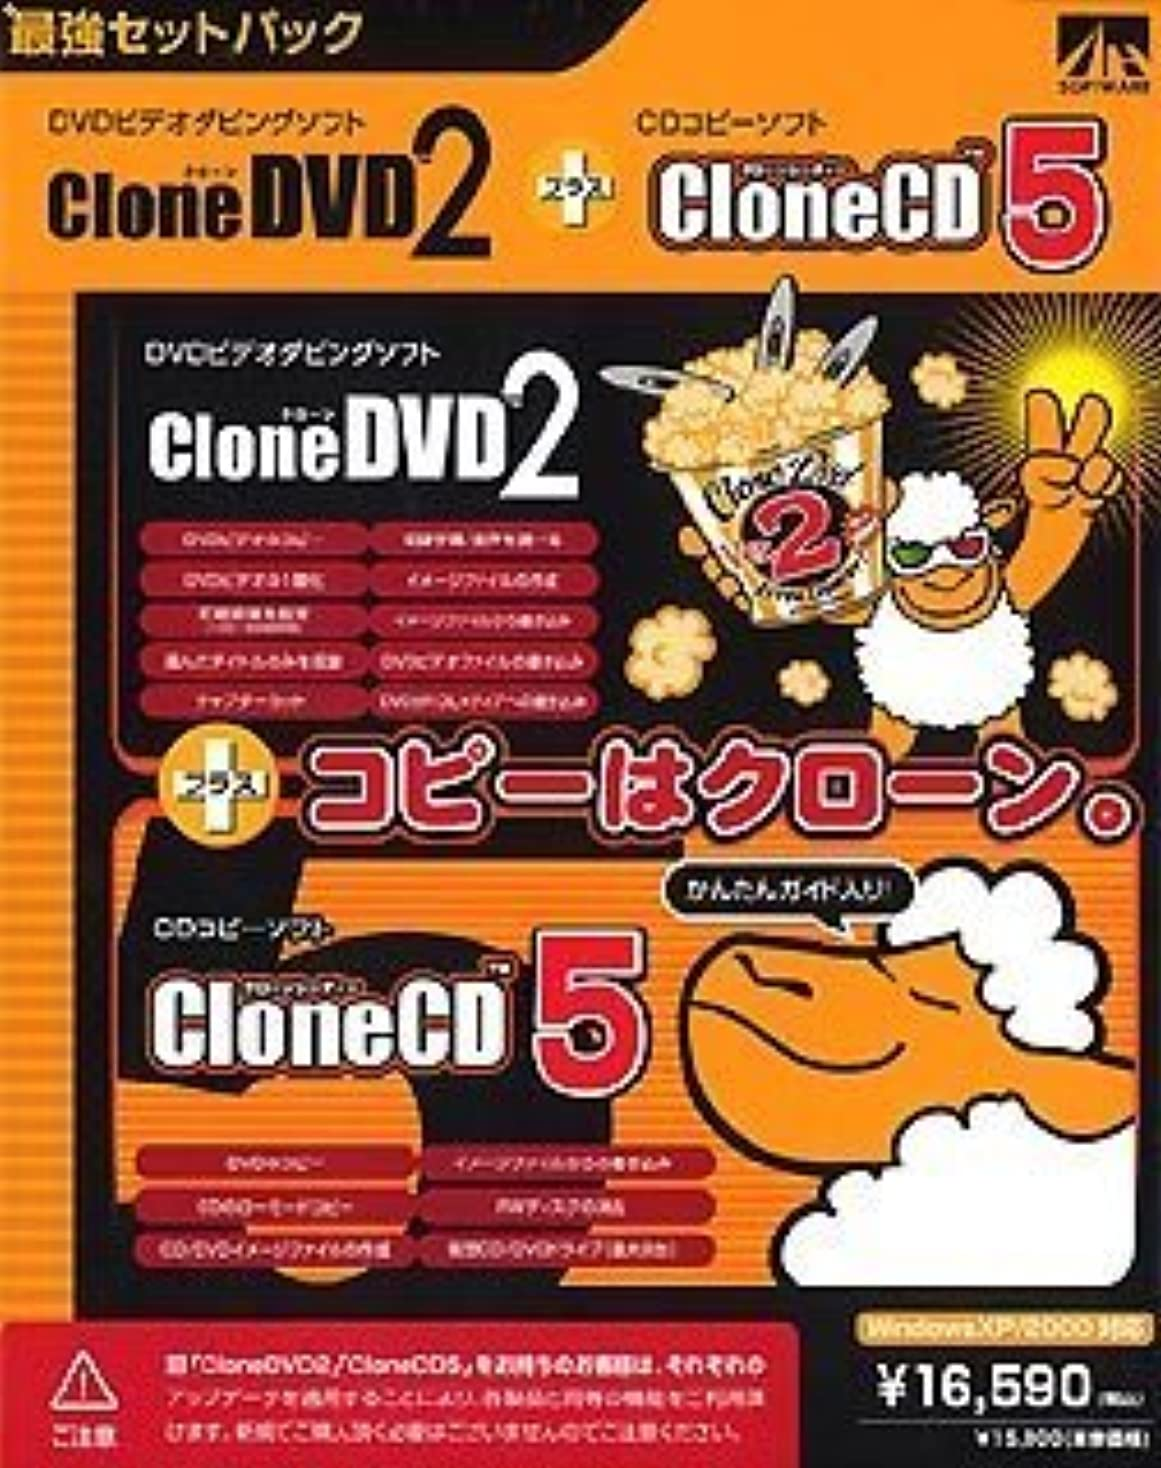 公長さ繰り返すCloneDVD 2 + CloneCD 5